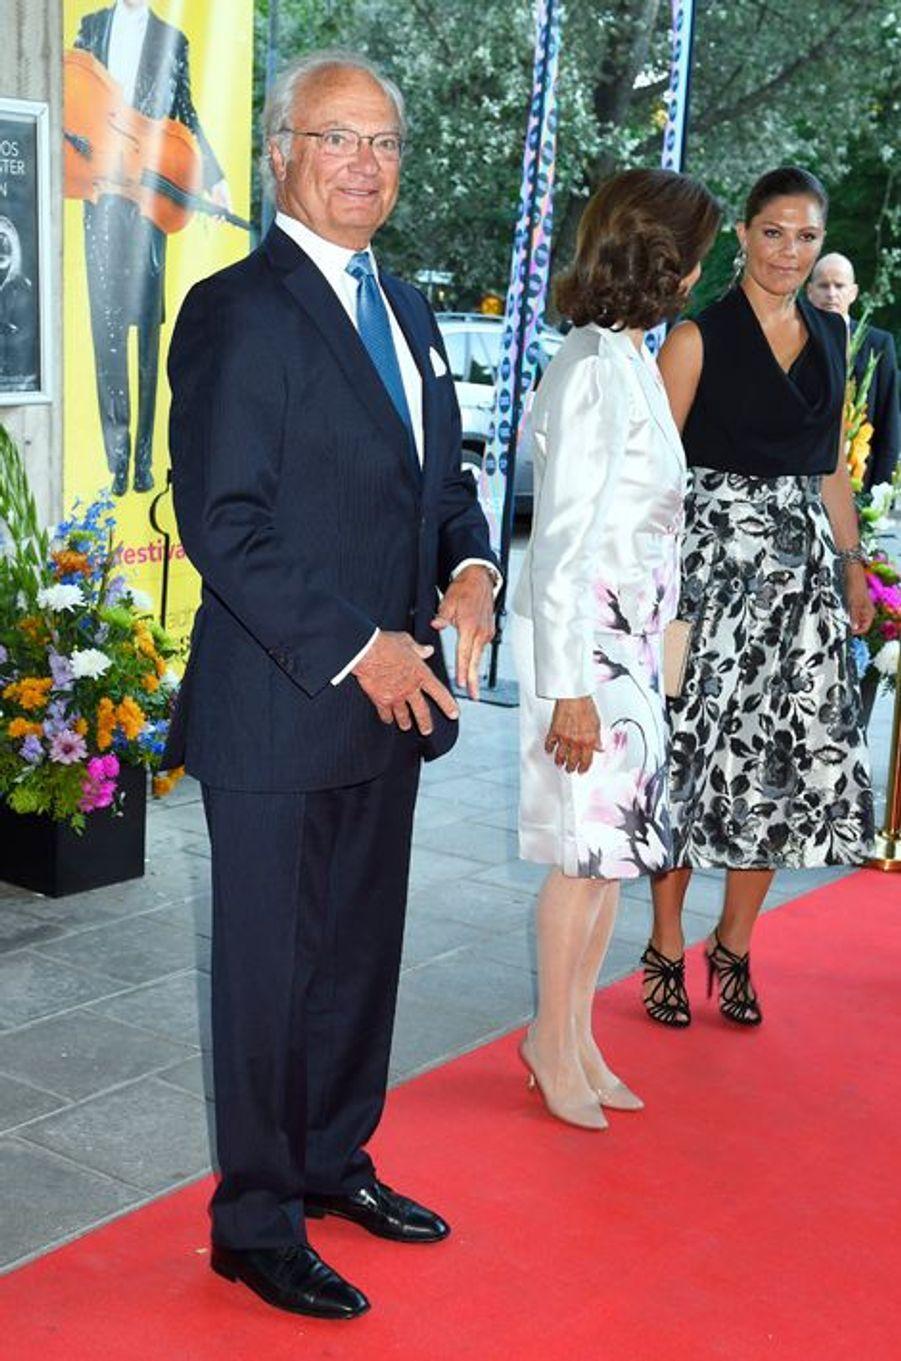 Le roi Carl XVI Gustaf de Suède, la reine Silvia et la princesse Victoria à Stockholm, le 21 août 2015